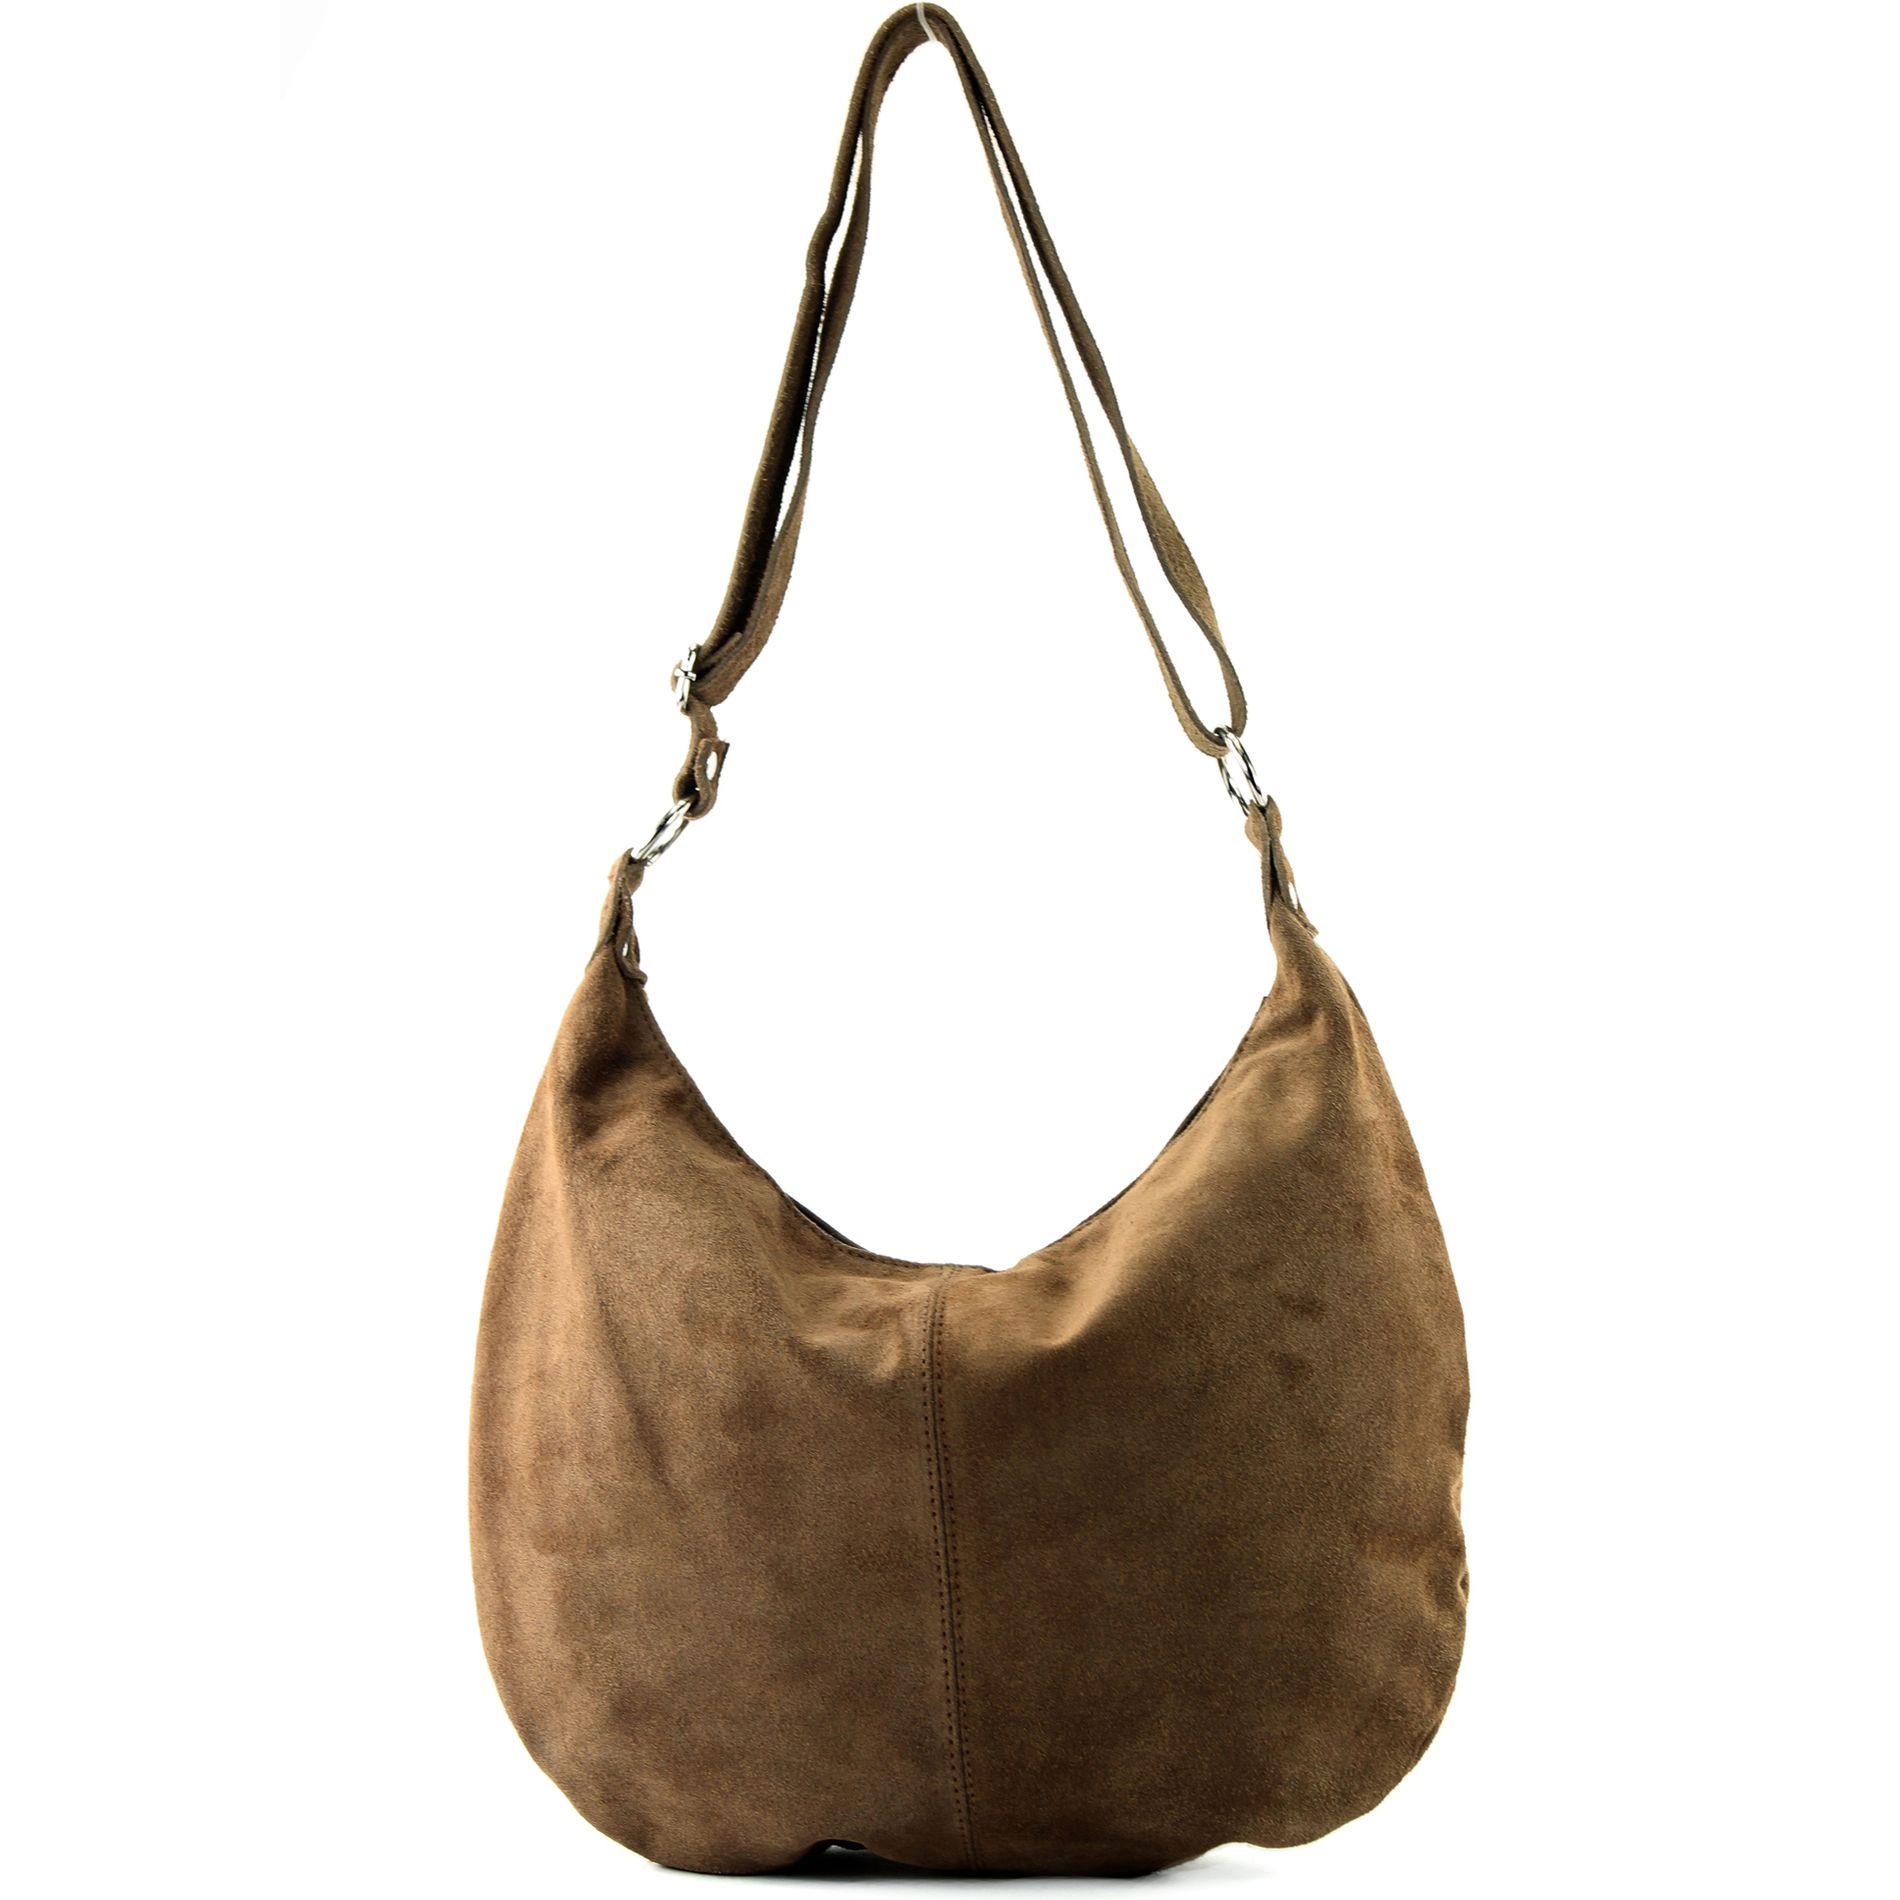 Italienische 321t Schultertasche Damentasche Citytasche Wildleder Umhängetasche xH7aqxfTw1